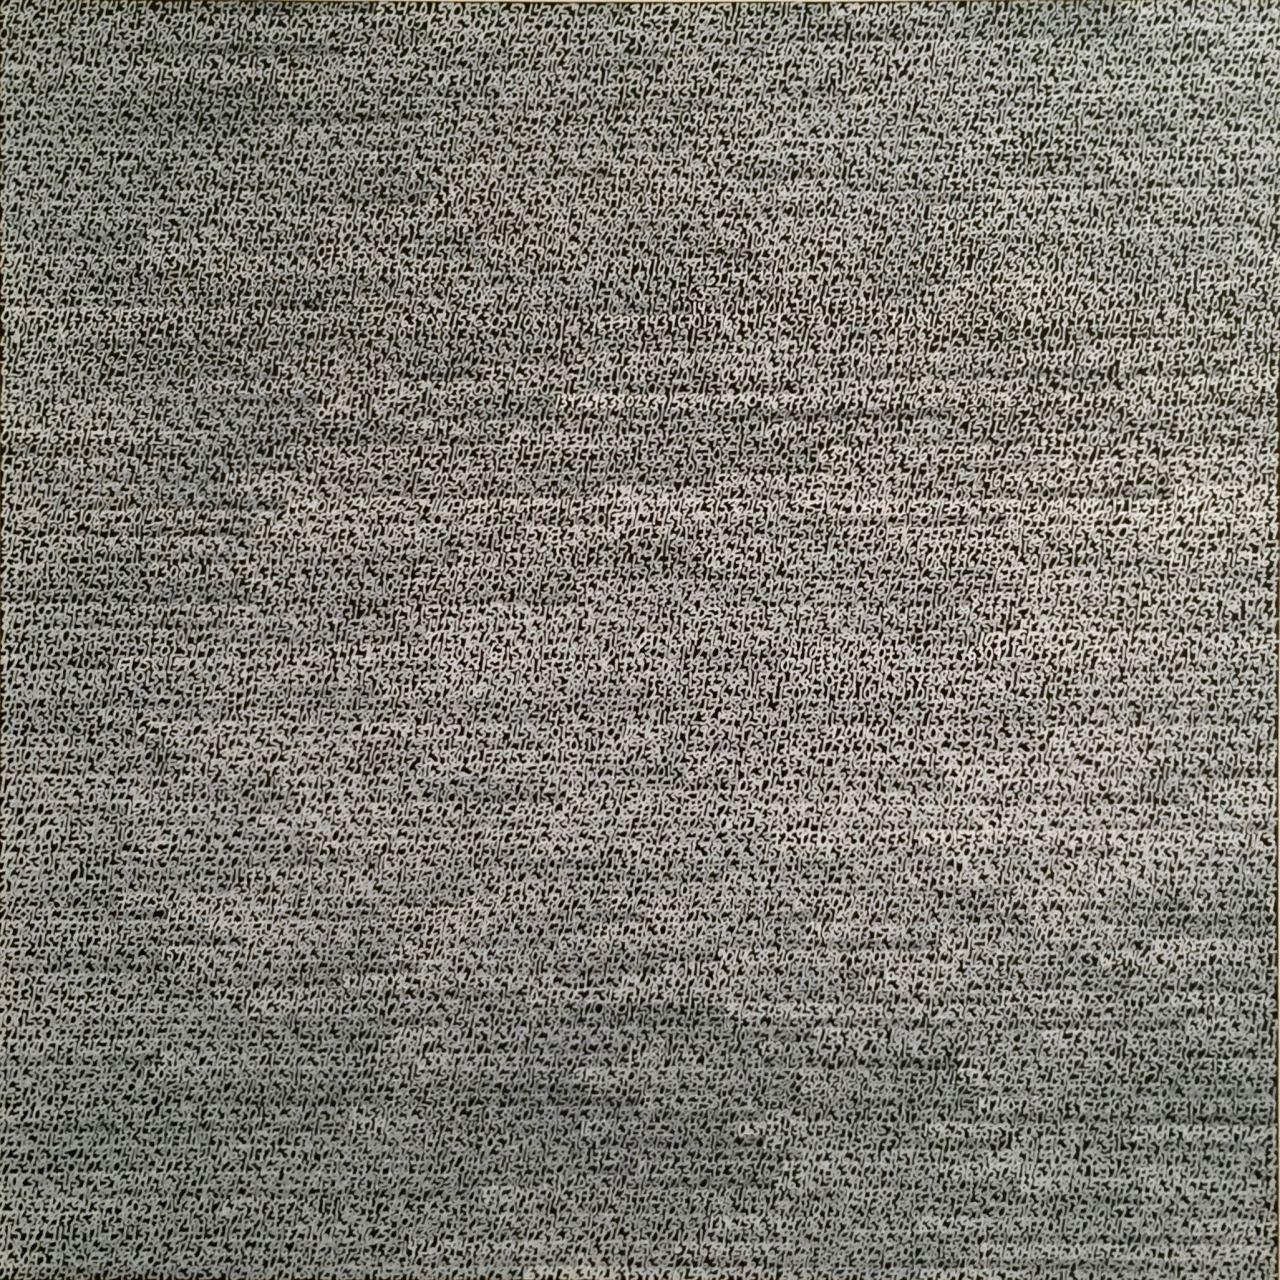 © James Vance #6516 2016 4 x 4 ft. (1.2 x 1.2 m) Enamel on canvas